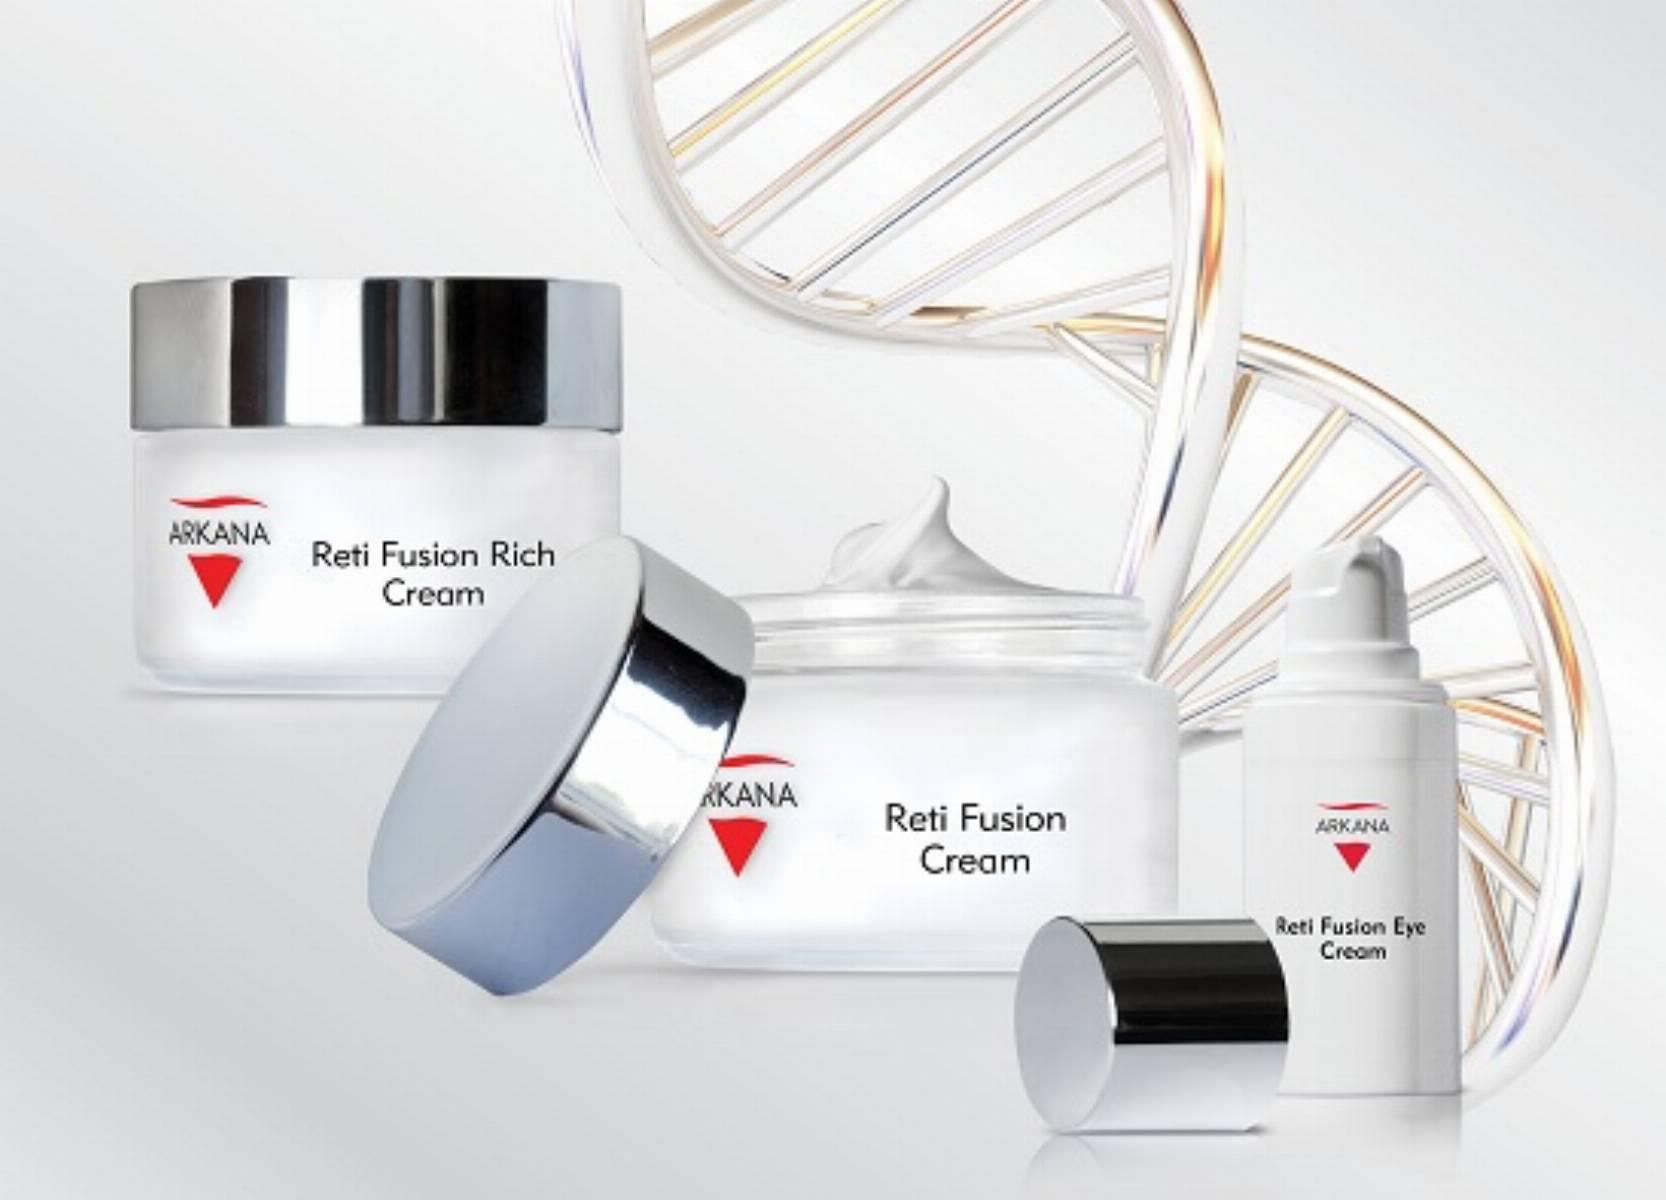 Arkana kosmetyki Reti Fusion (1)